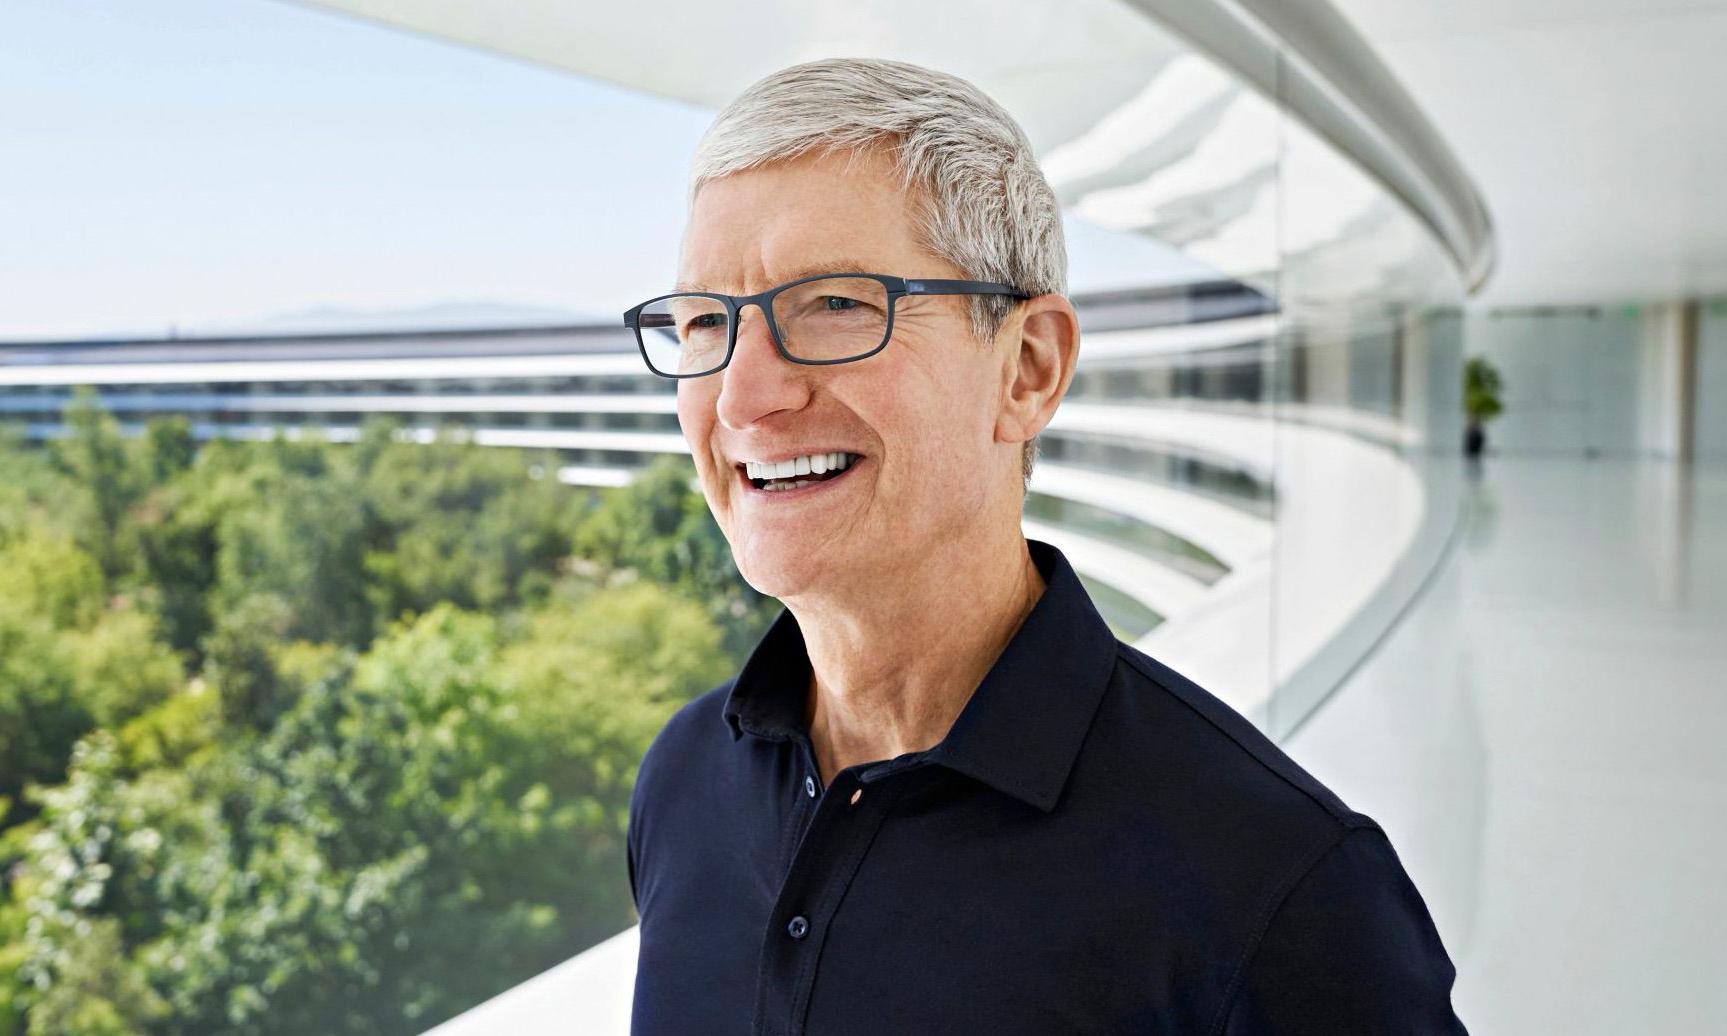 Tim Cook 表示可能在未来 10 年内卸任 CEO